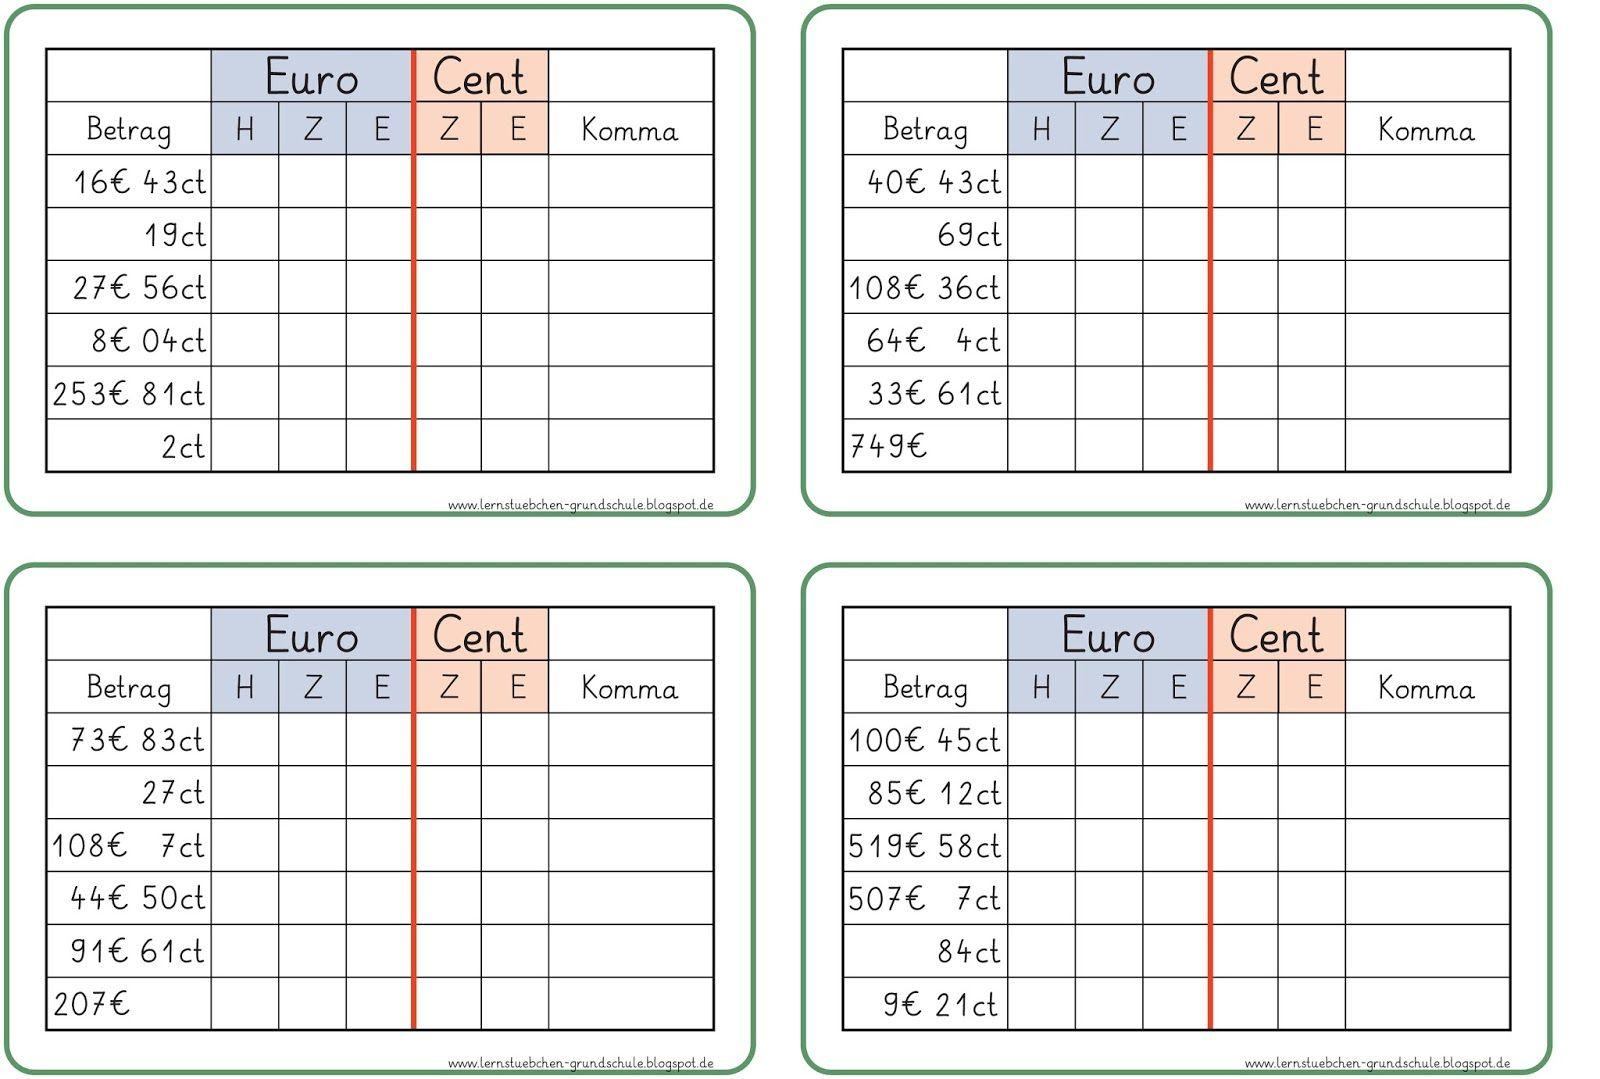 Kommaschreibweise Tabelle 1 1 600 1 079 Pixel